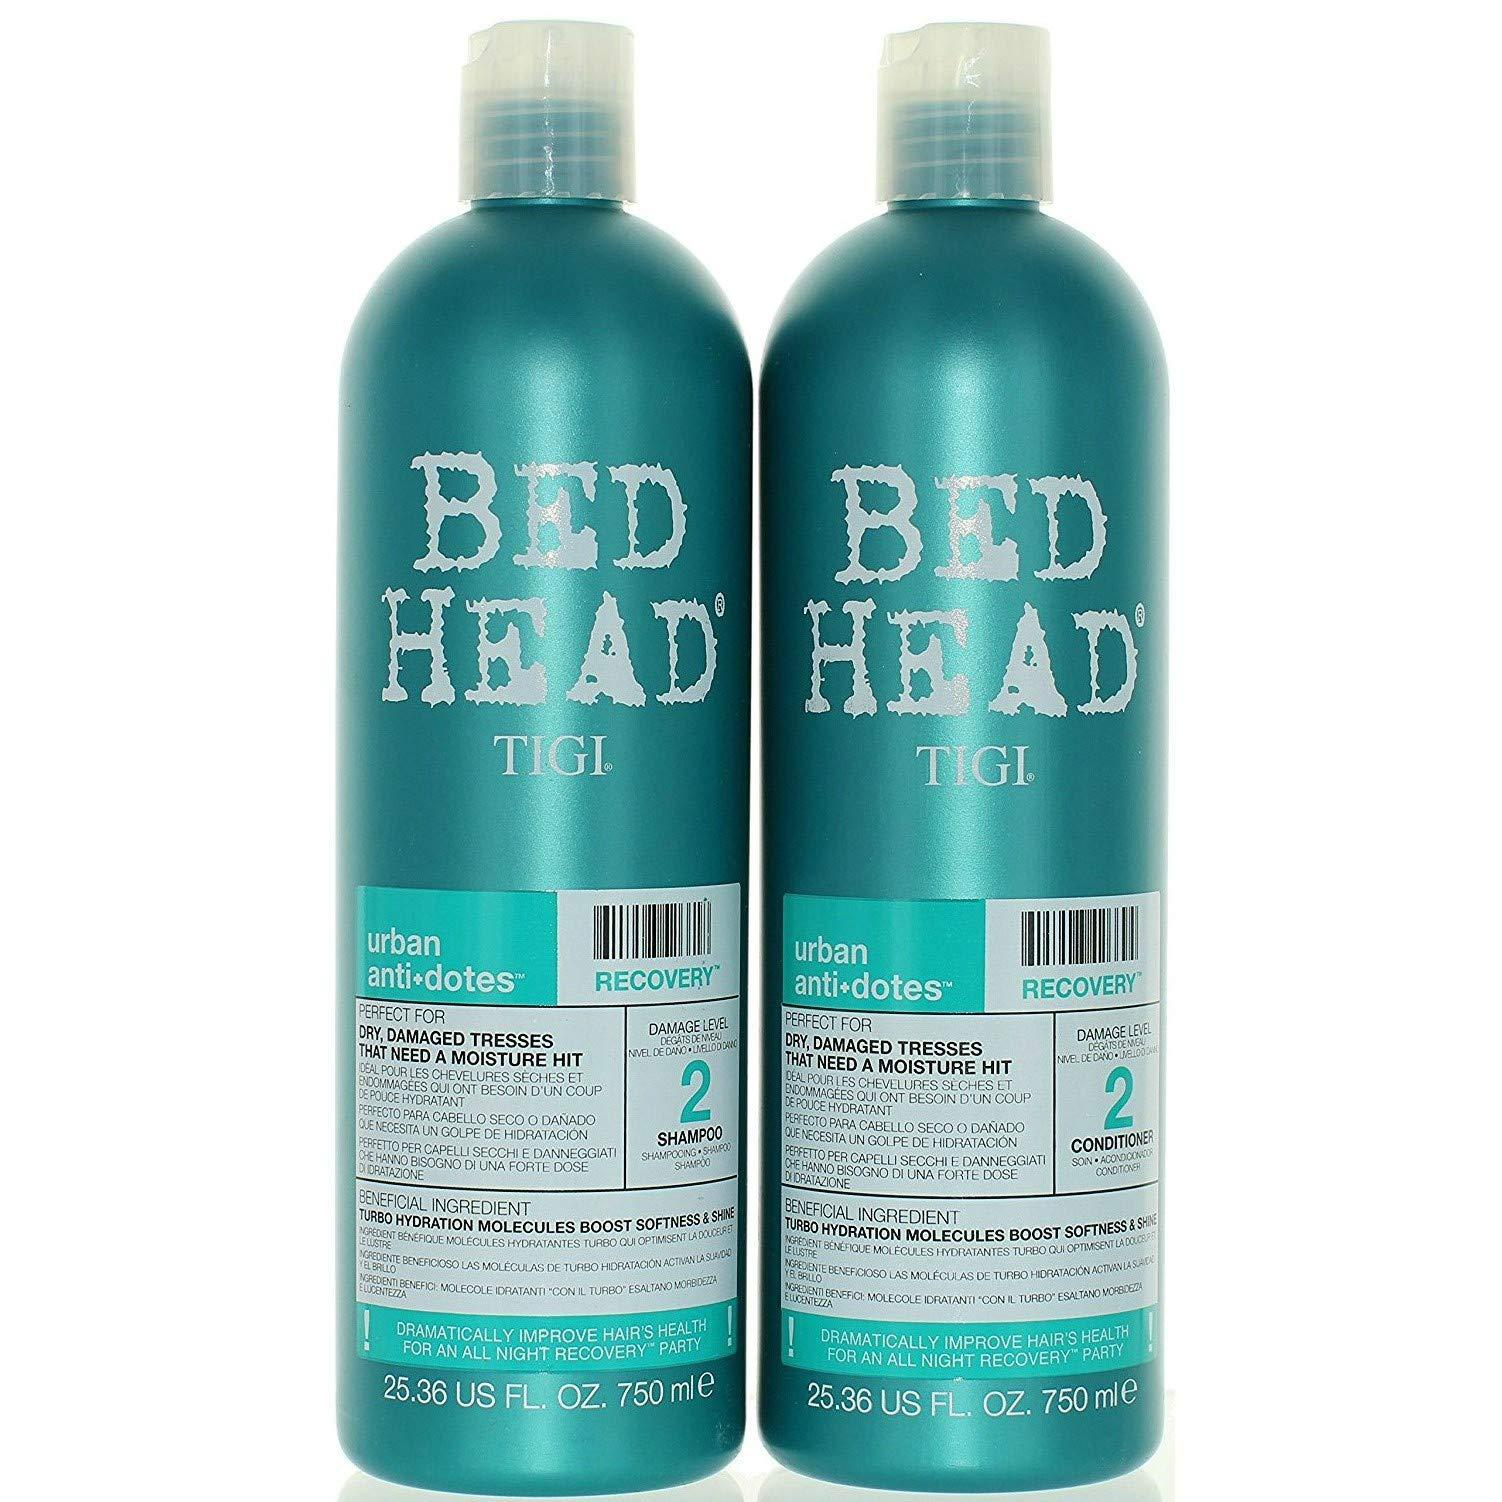 TIGI Bed Head Urban Anti-dote Recovery Shampoo & Conditioner Duo Damage Level 2 (25.36oz) by TIGI